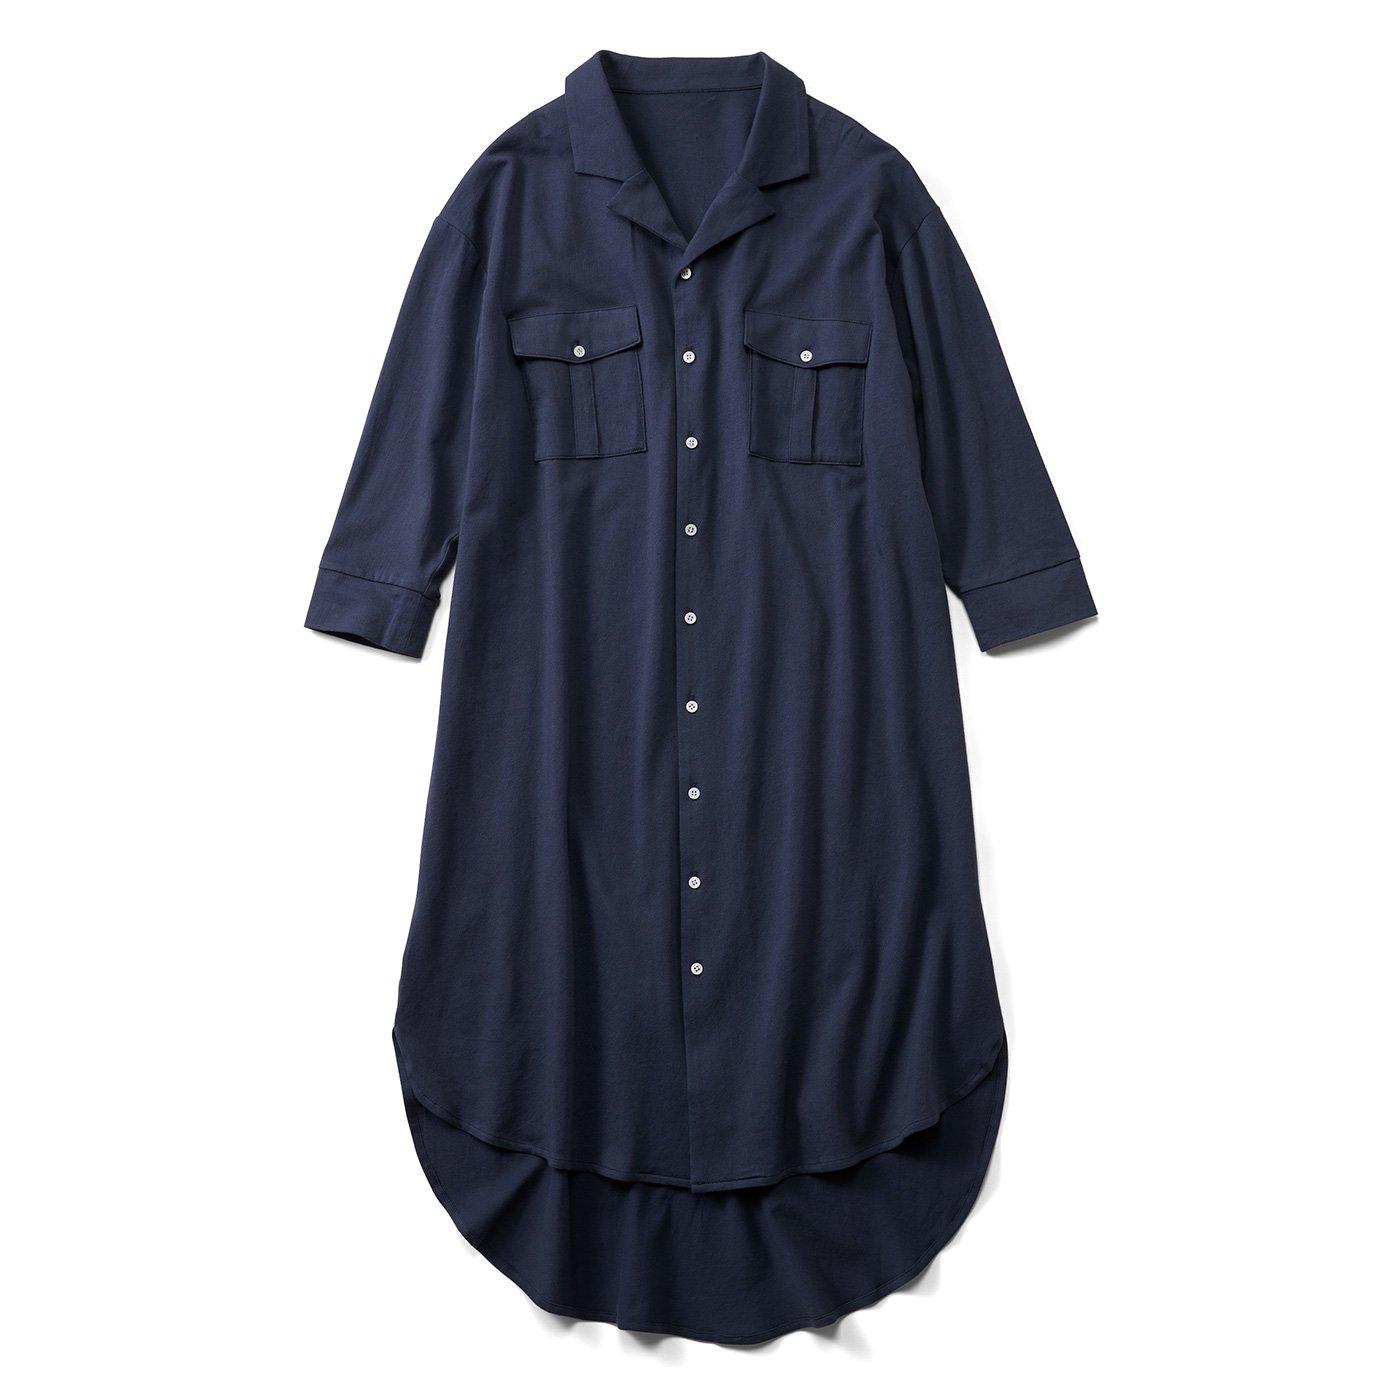 【3~10日でお届け】リブ イン コンフォート カットソー素材でらくちん! 着るだけでスタイル決まるシャツワンピース〈ブルーネイビー〉